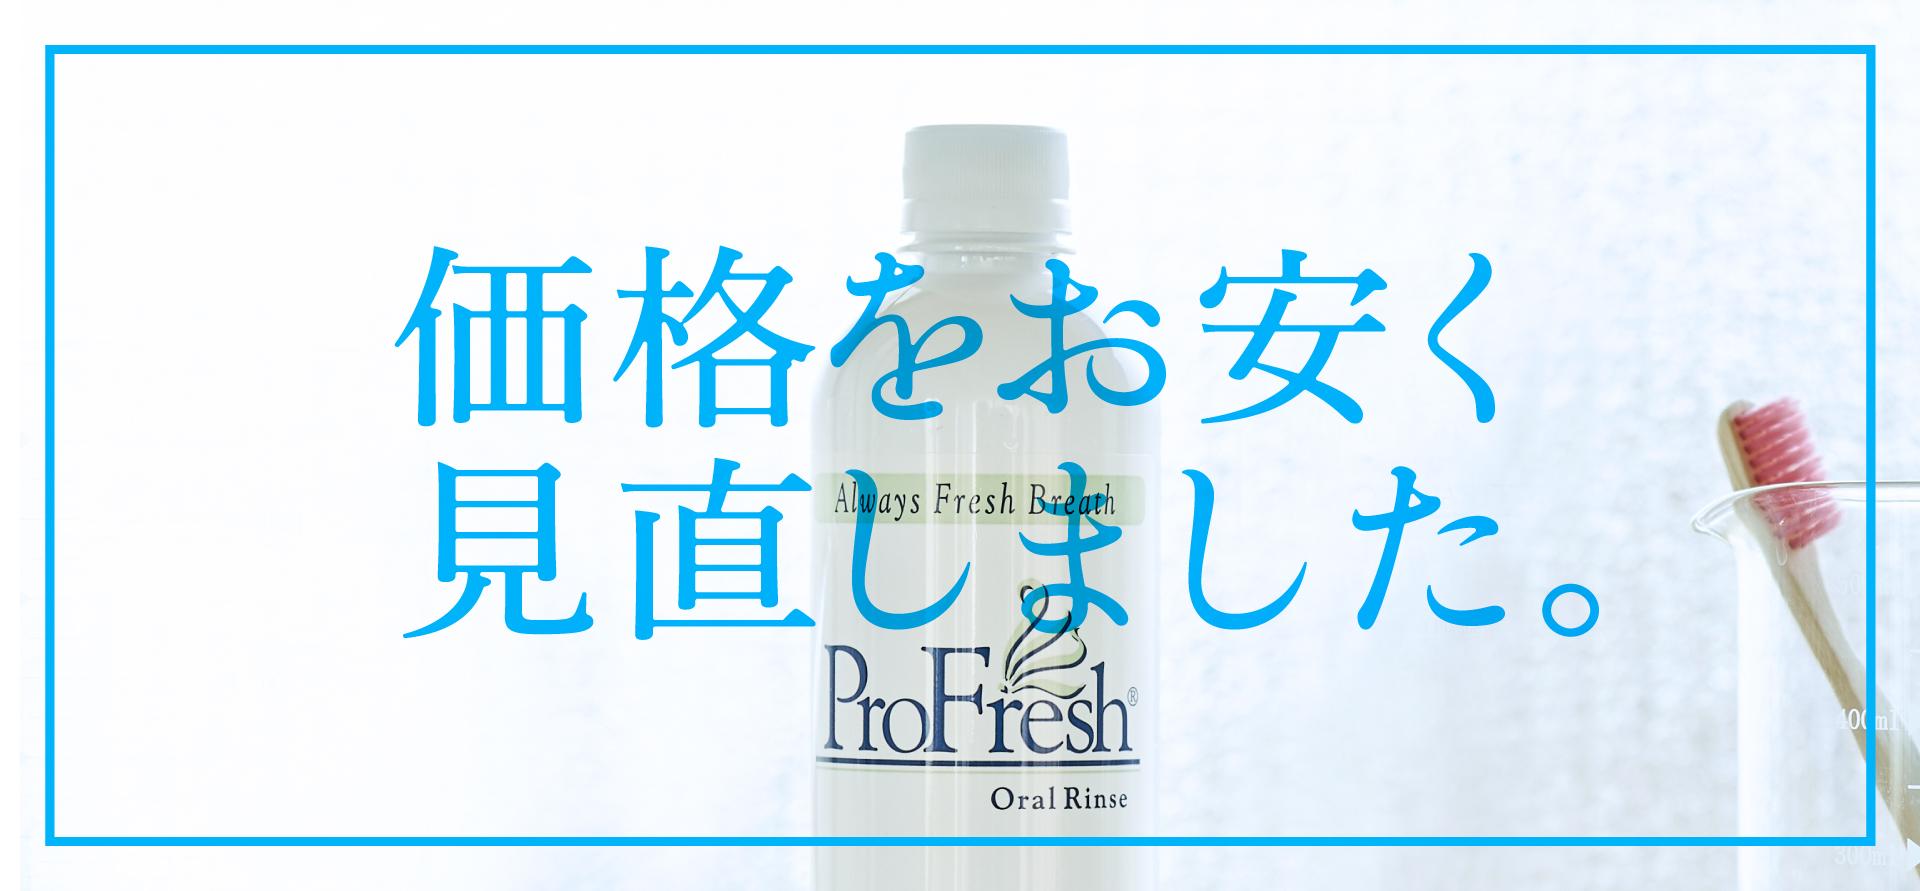 歯科医院で採用される本格派ブレスケア製品<